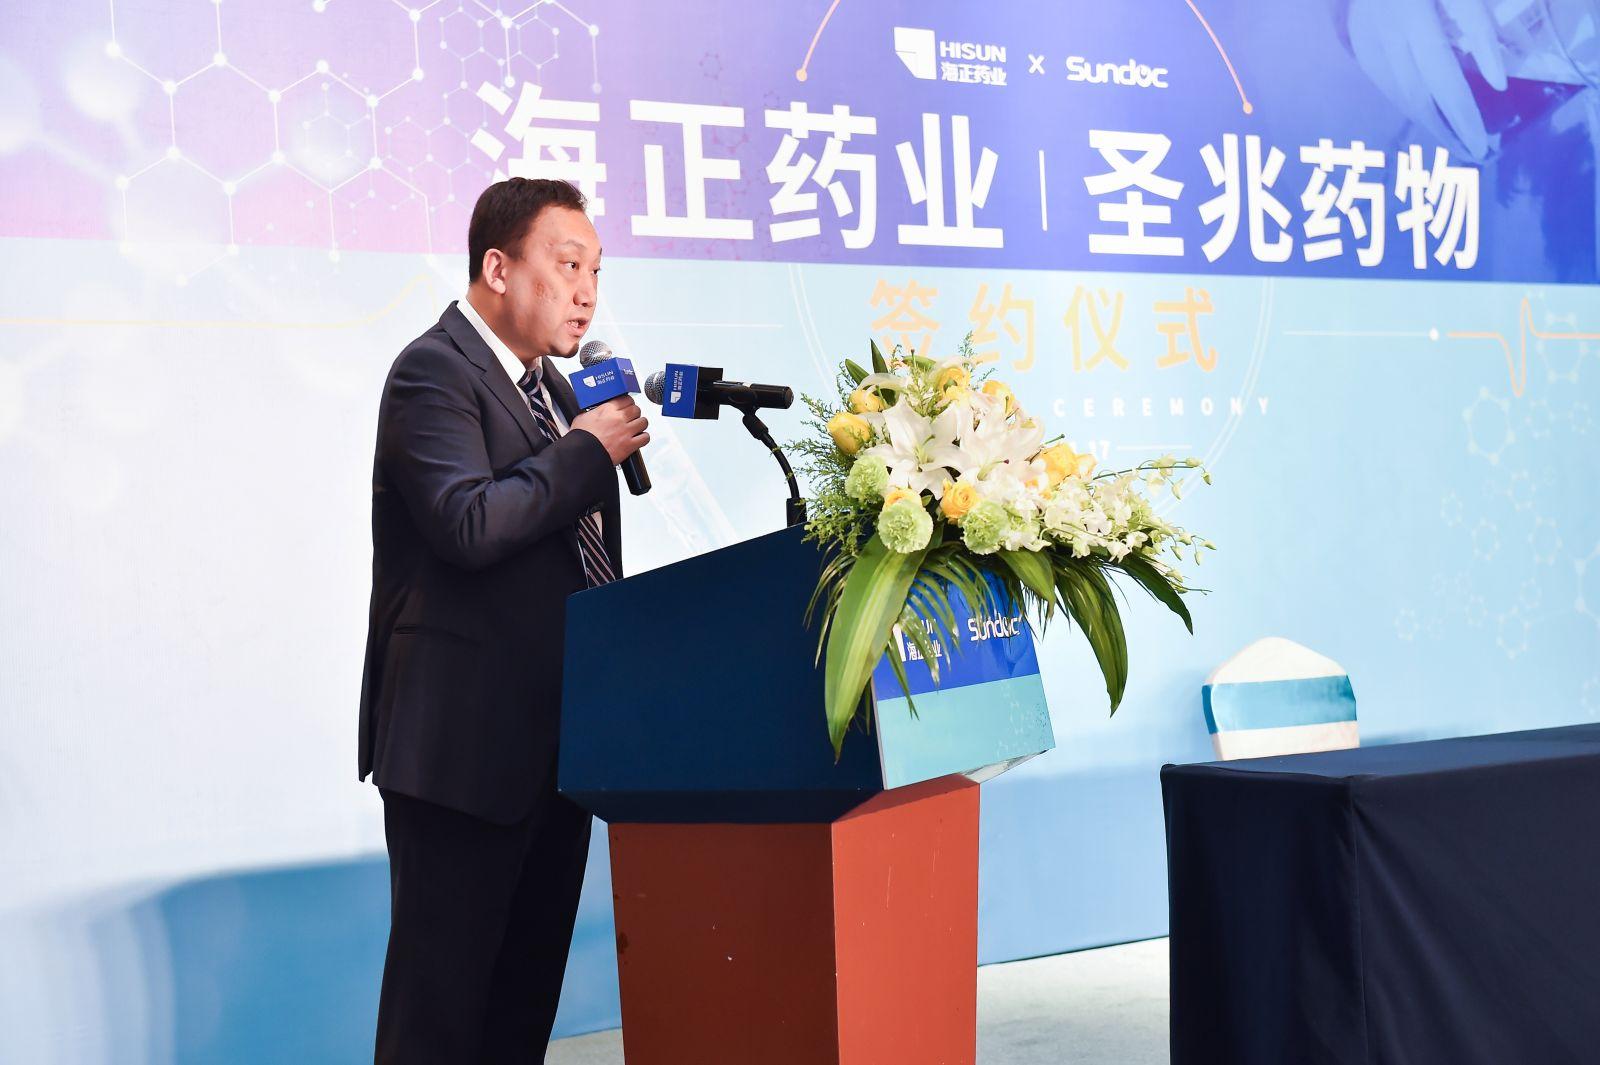 海正药业总裁李琰先生